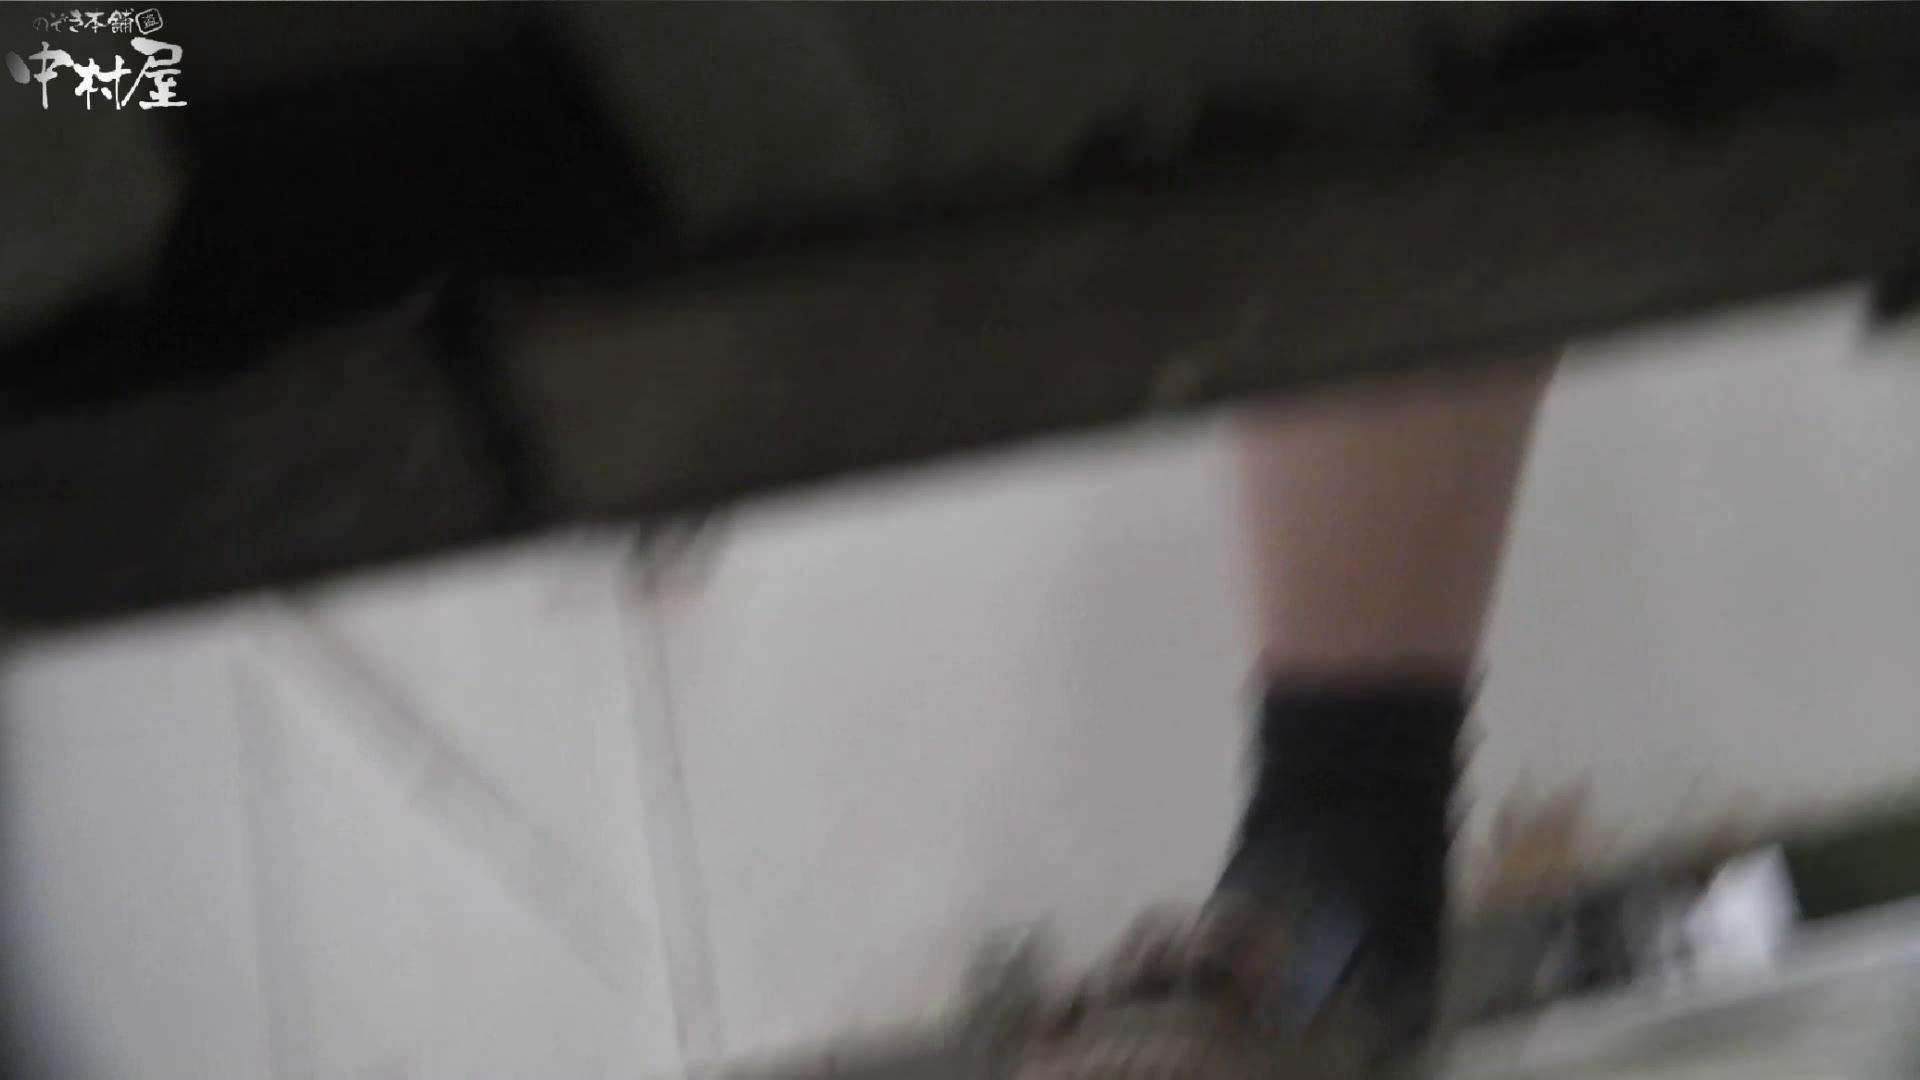 vol.06 命がけ潜伏洗面所! 茶髪タン、ハァハァ 後編 潜入 | 洗面所  63連発 9